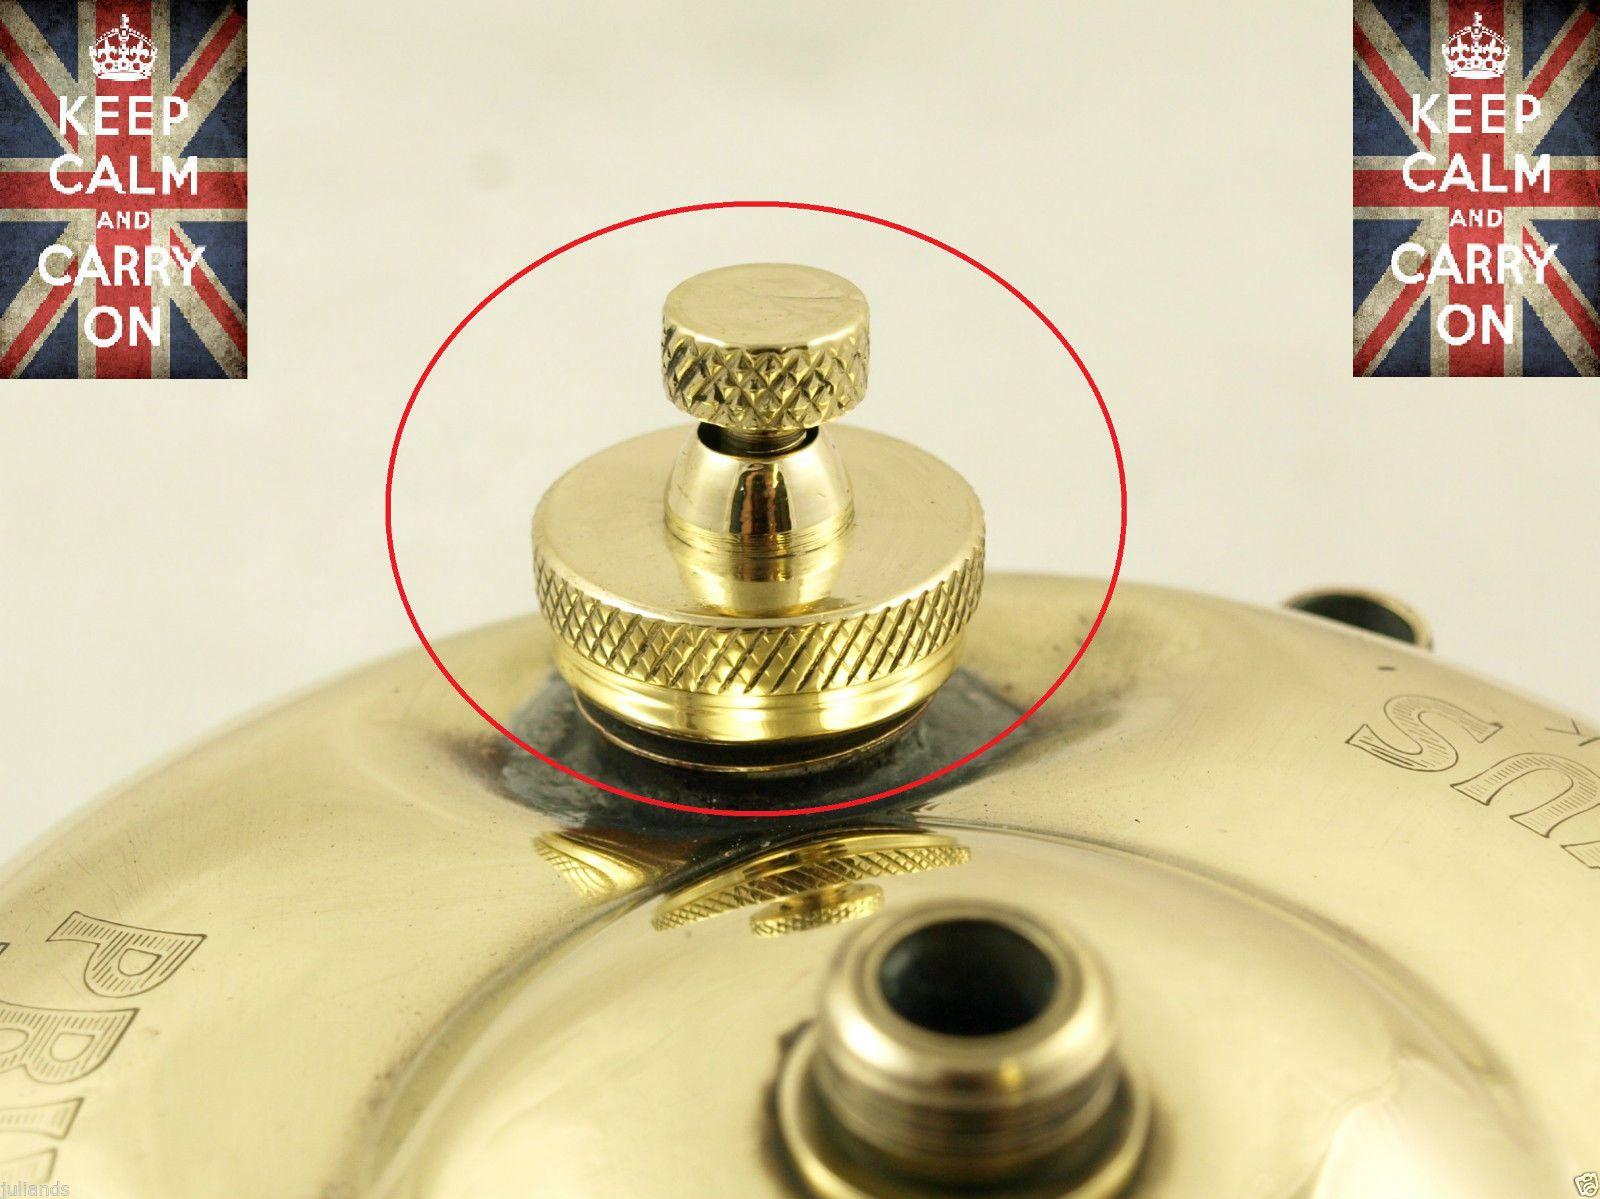 Primus stove filler cap parts optimus stove spares kerosene stove ... for Kerosene Stove Parts  83fiz